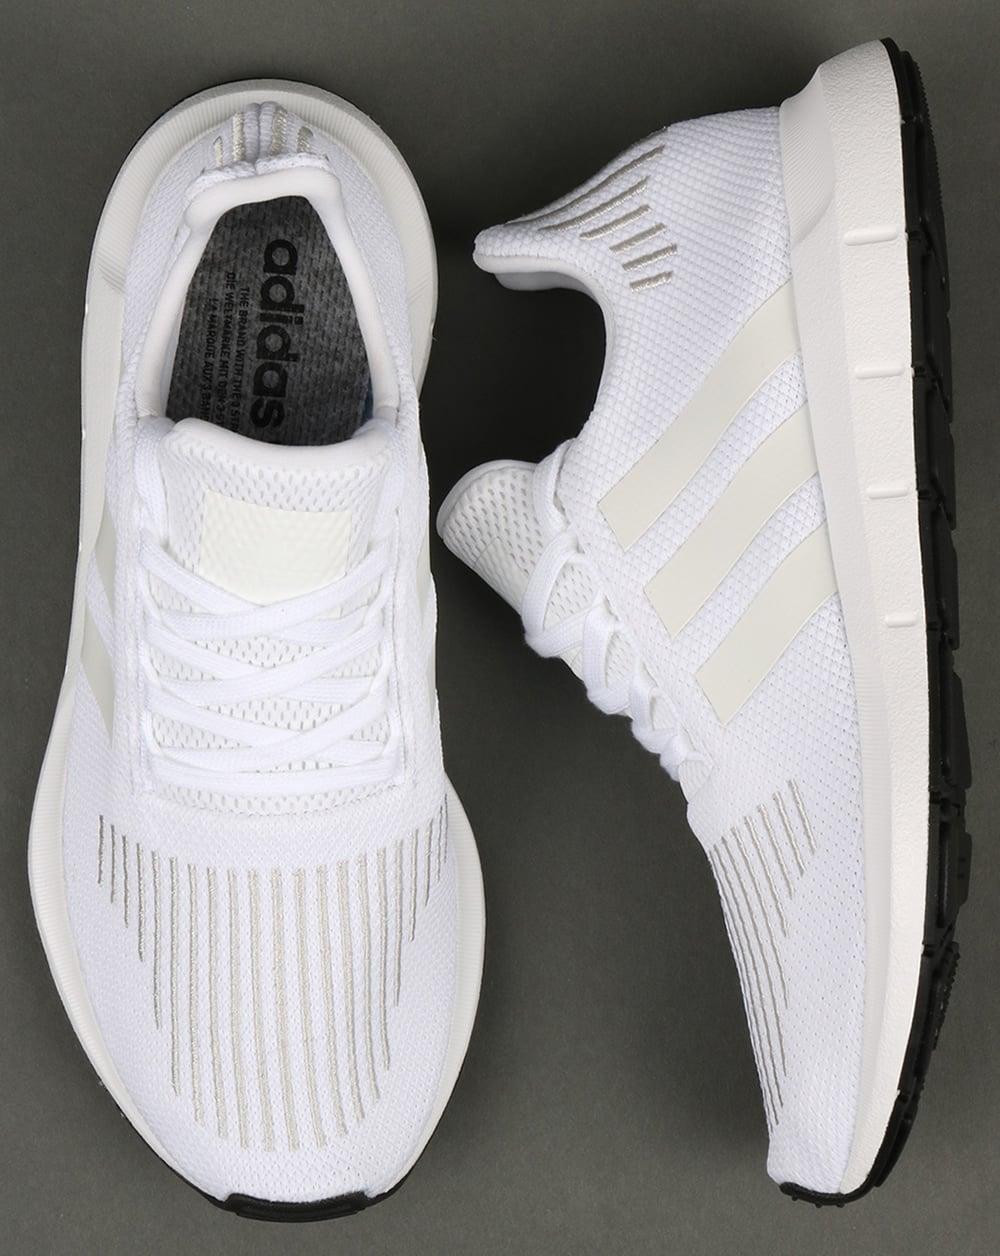 437d5e1a56719 Adidas Swift Run Trainers White